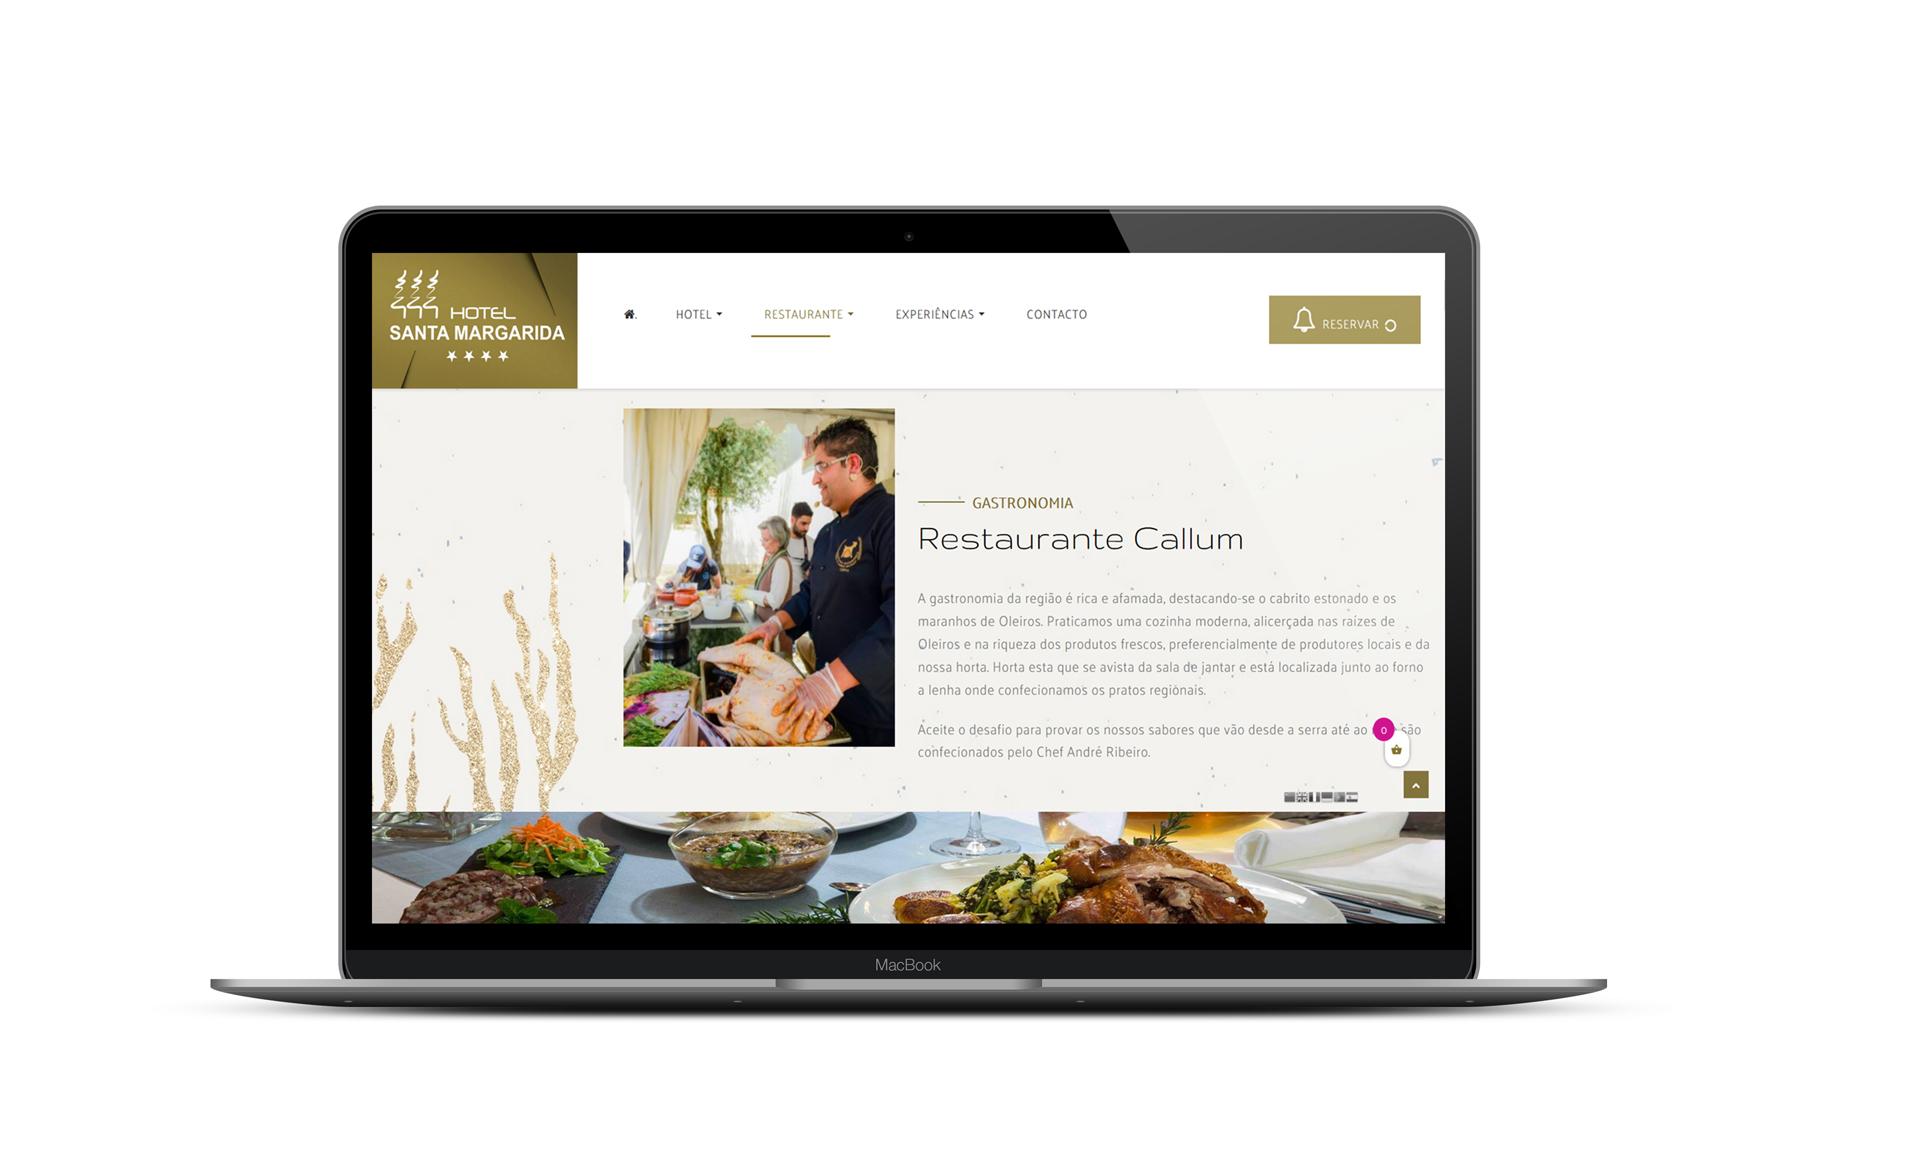 Restaurante Callum